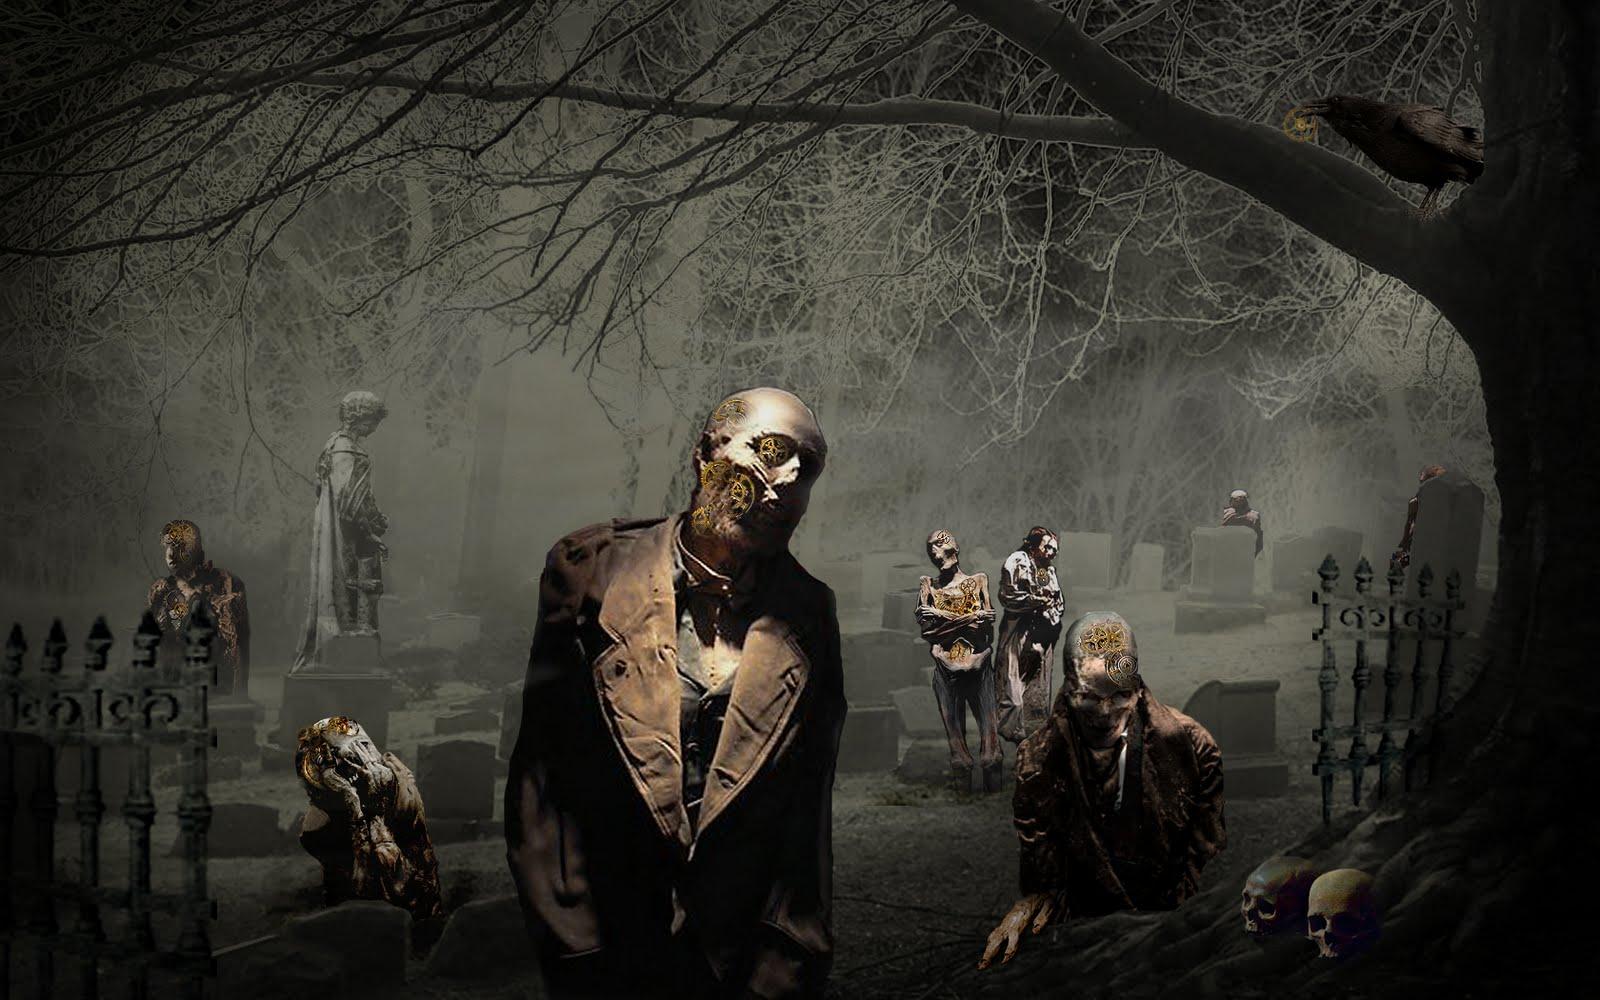 http://1.bp.blogspot.com/-jws3VfbfY9o/TqlnrP-dkcI/AAAAAAAABms/fKpTpTBdoq8/s1600/evil-halloween-picture.jpg